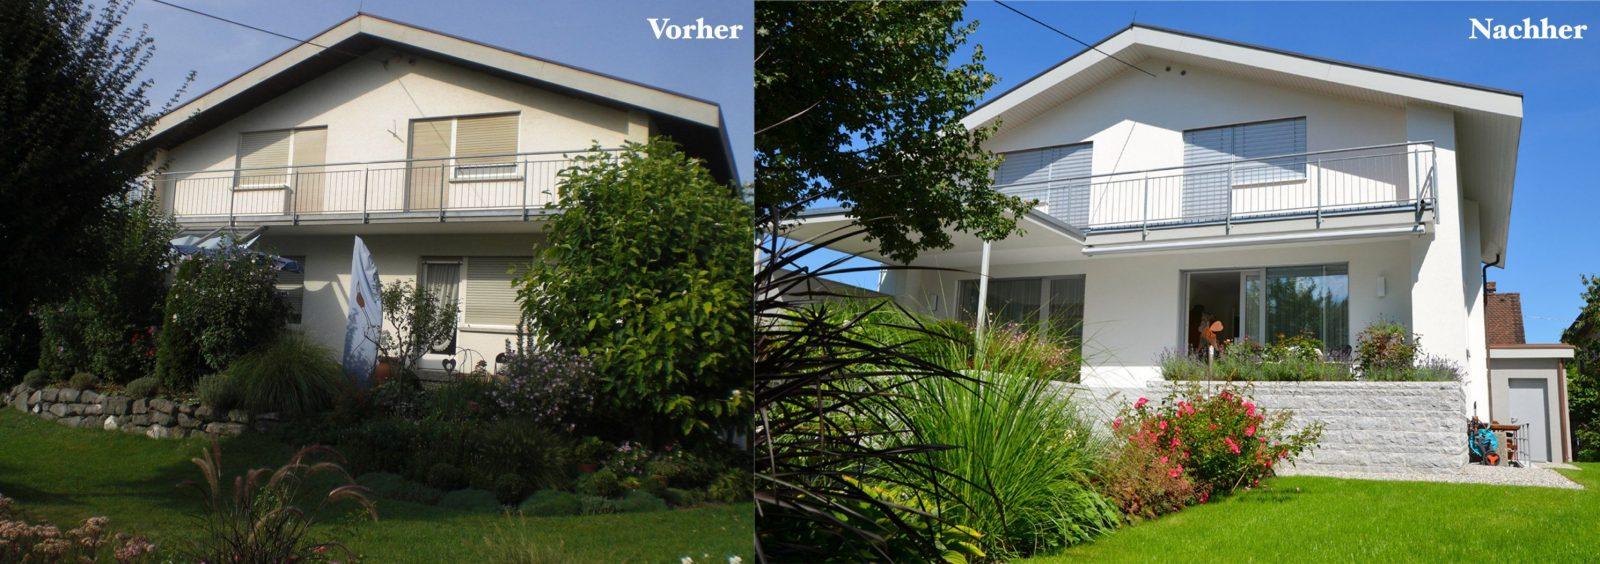 Verwunderlich Haus Renovieren Vorher Nachher Awesome Altes Haus von Altes Haus Sanieren Vorher Nachher Photo